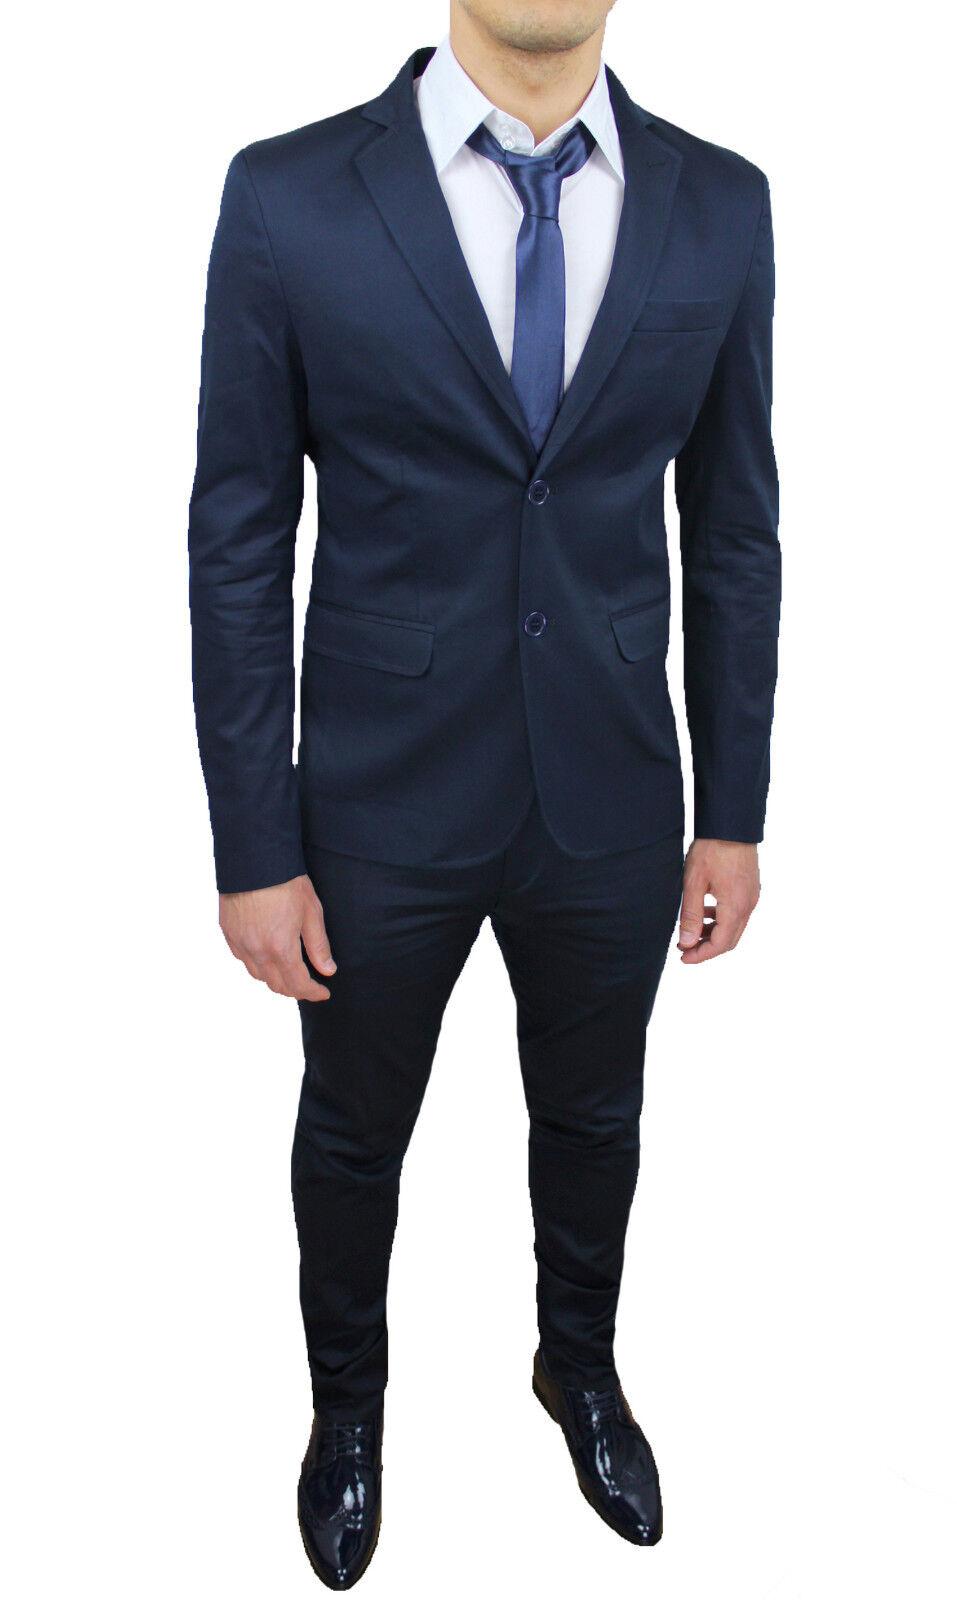 c278a783c312 abito uomo blu cotone. La tua scelta migliore di ...